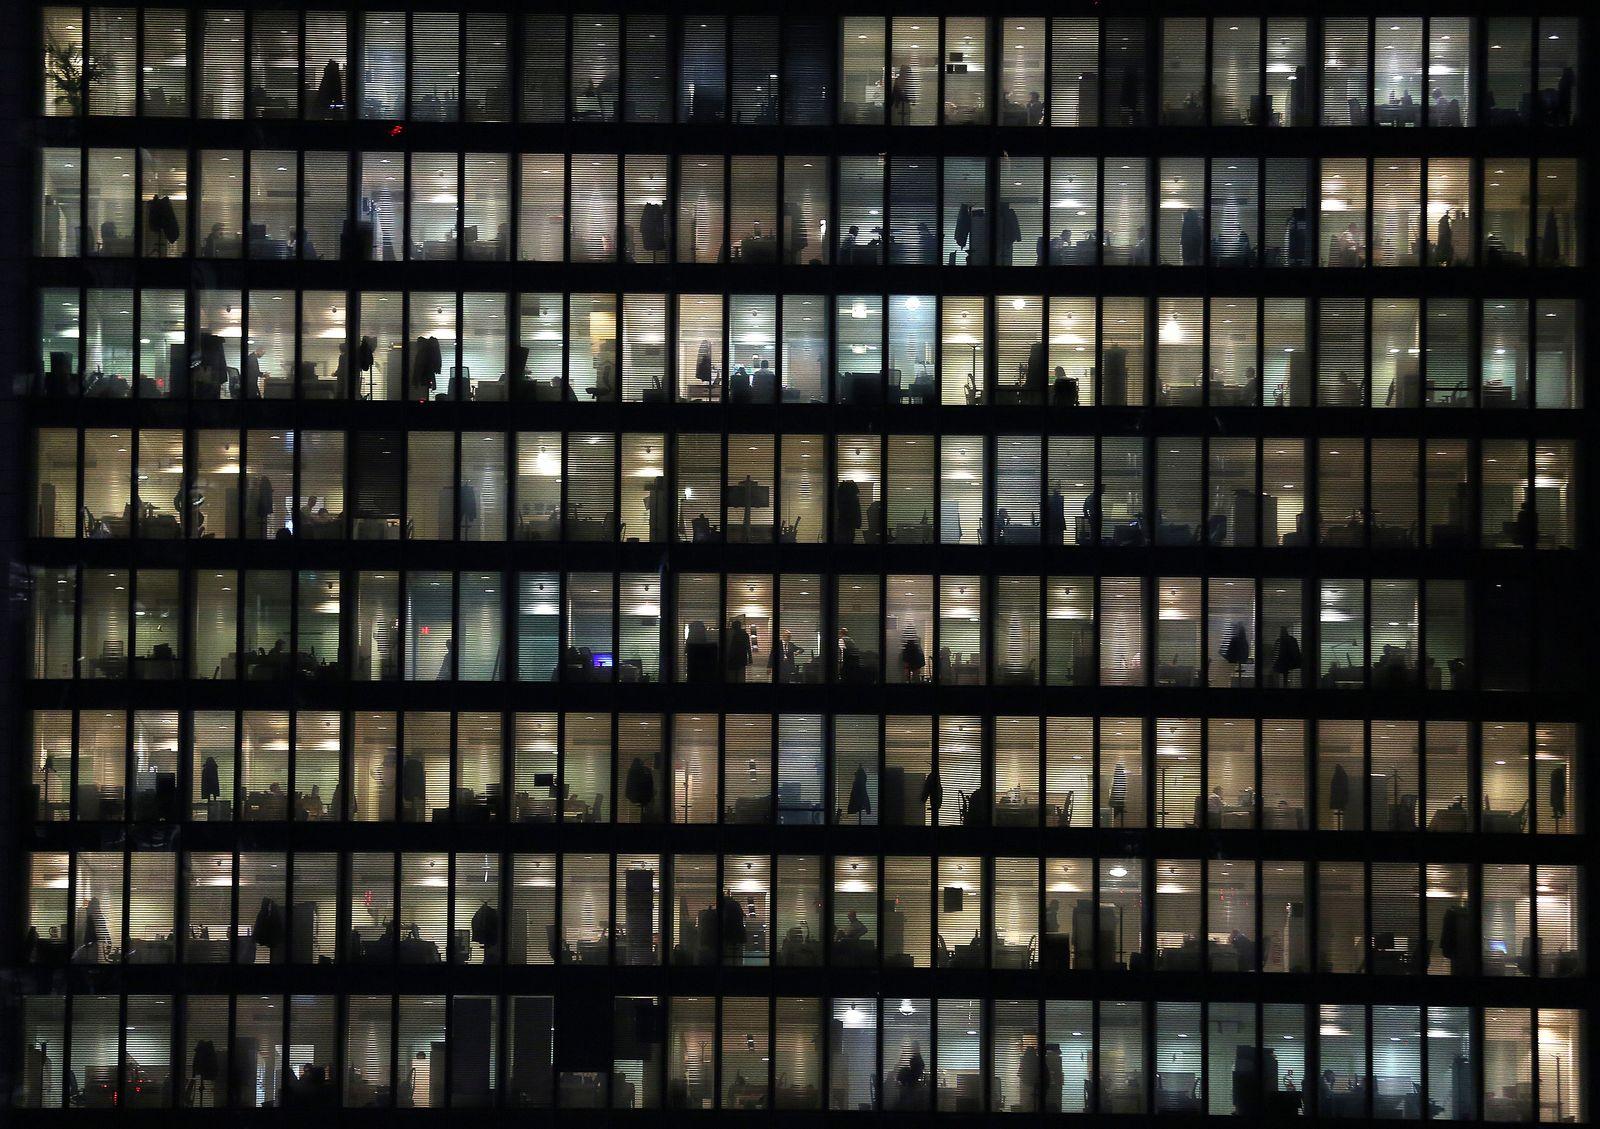 Büros / Büro / Mailand / Italien